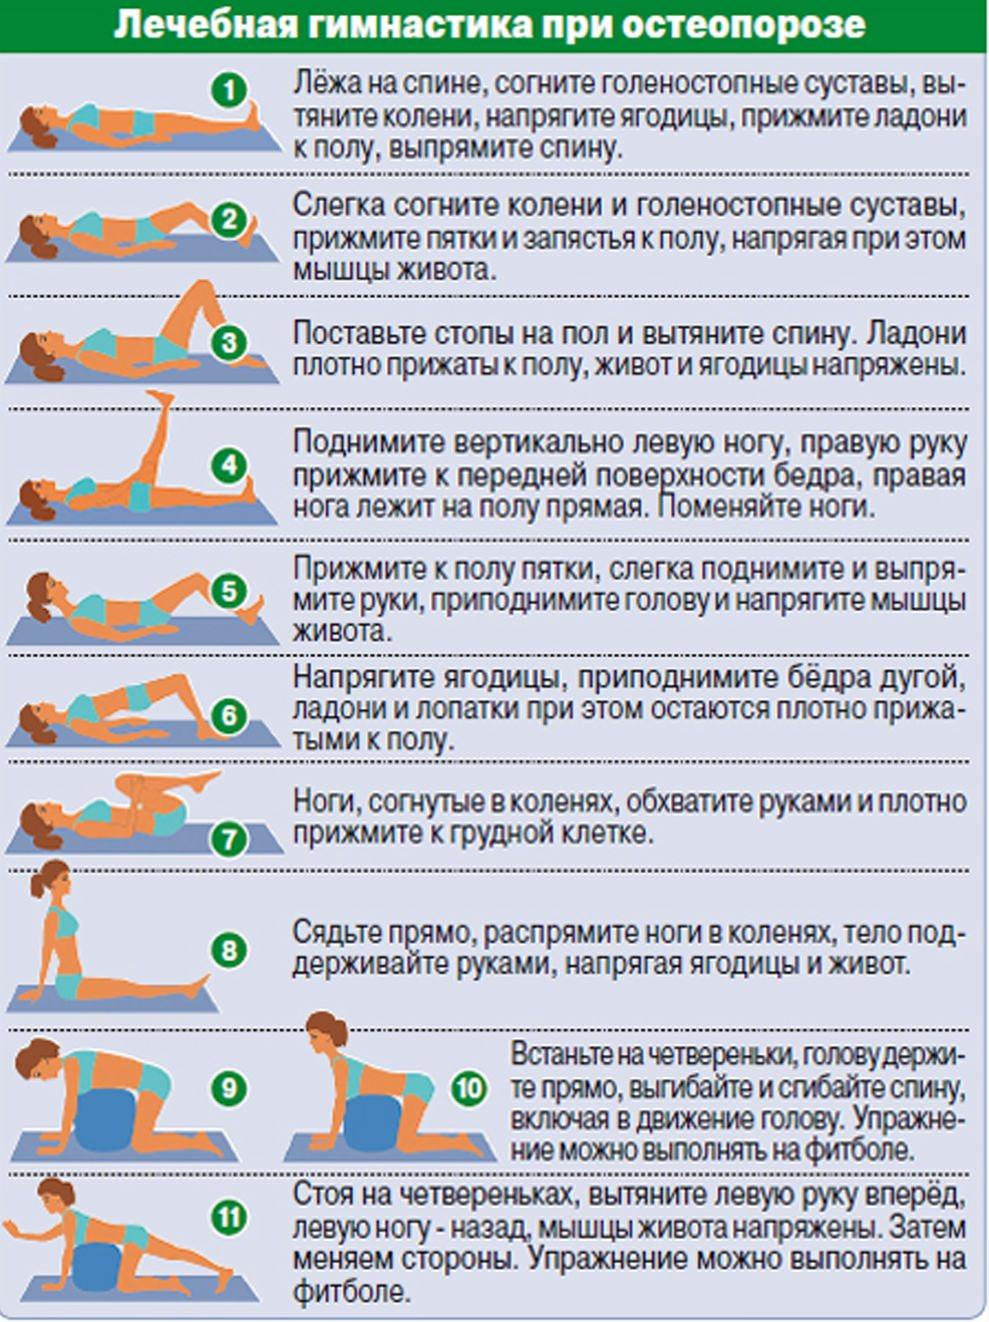 Гимнастика в домашних условиях при позвоночной грыже